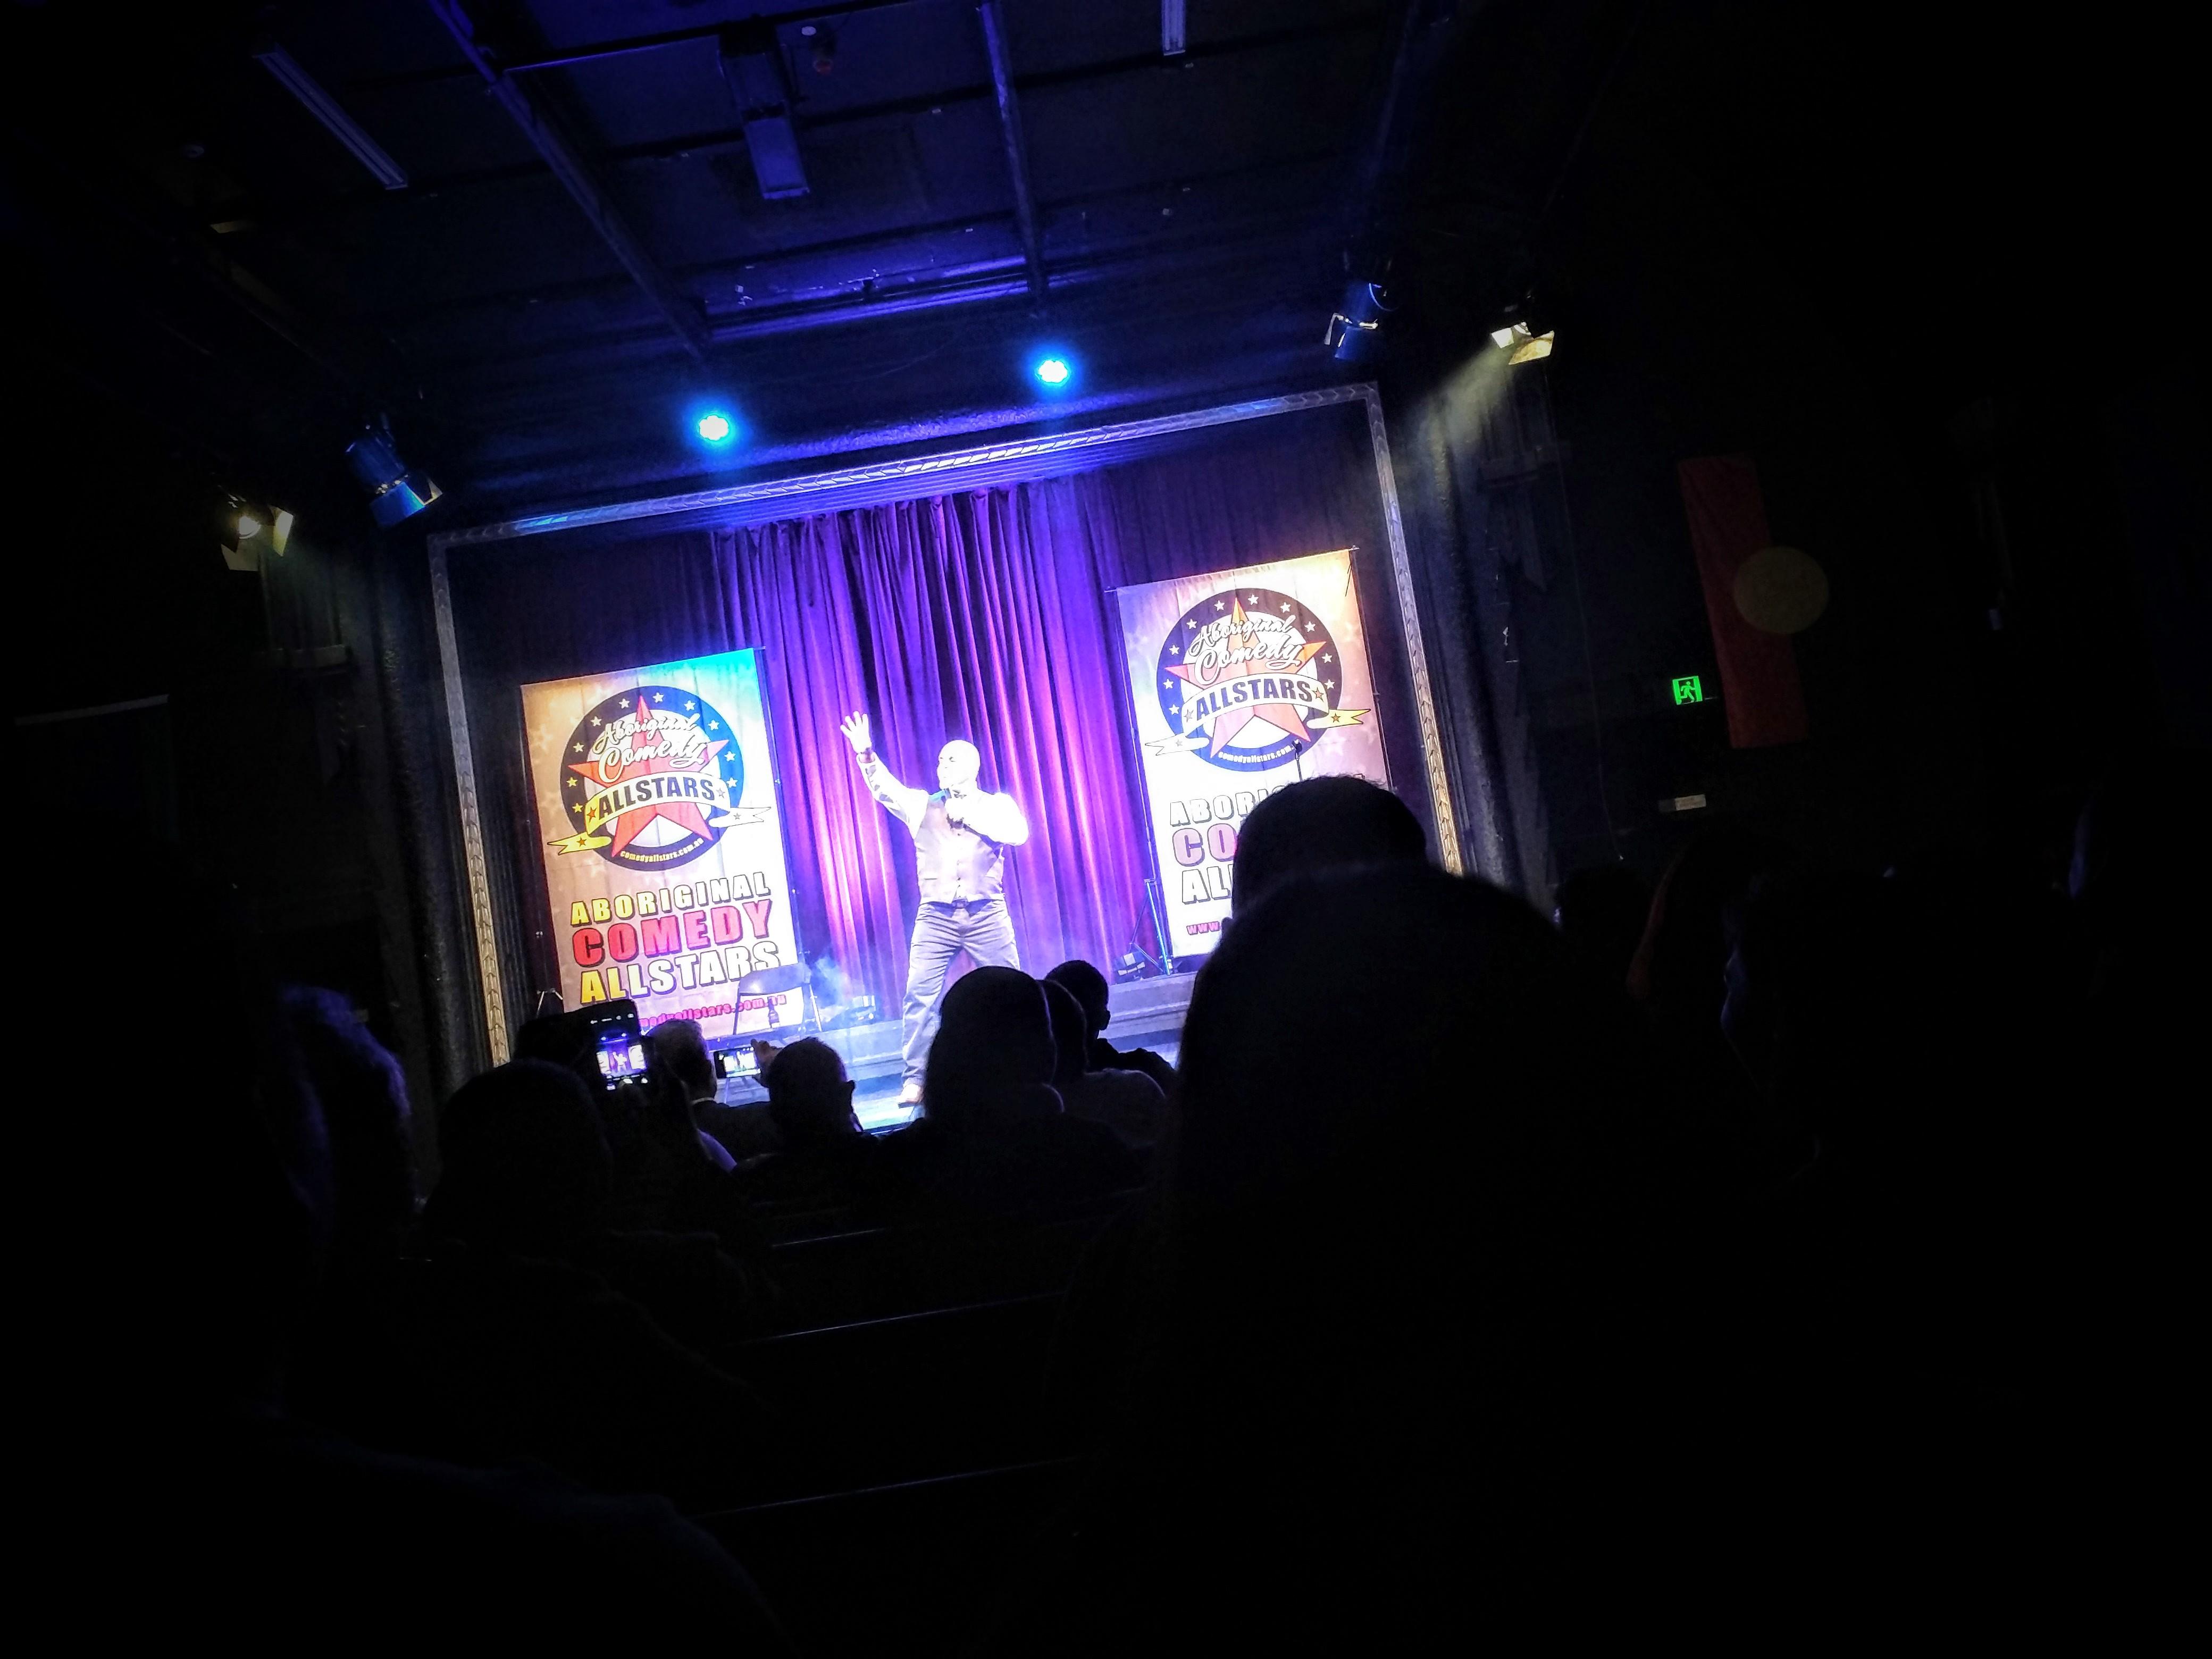 Aboriginal Comedy All Stars